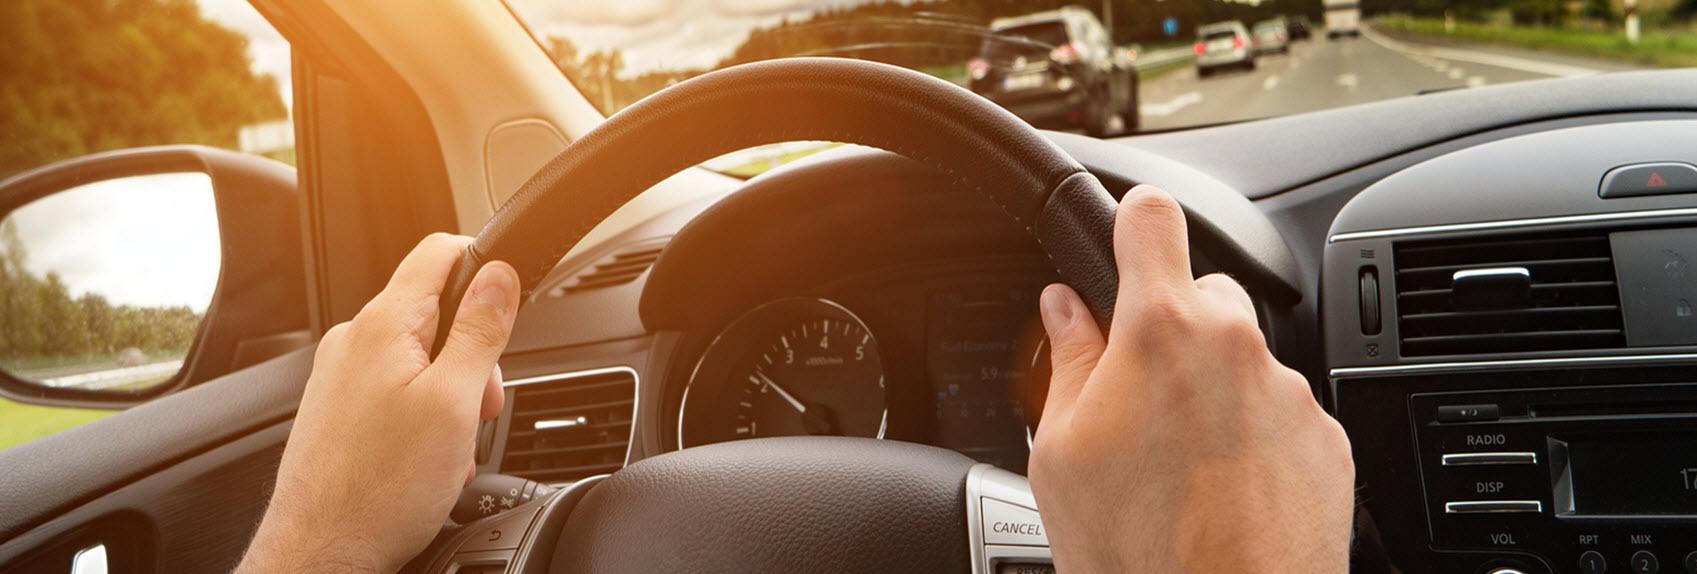 car-driving-bank-holiday